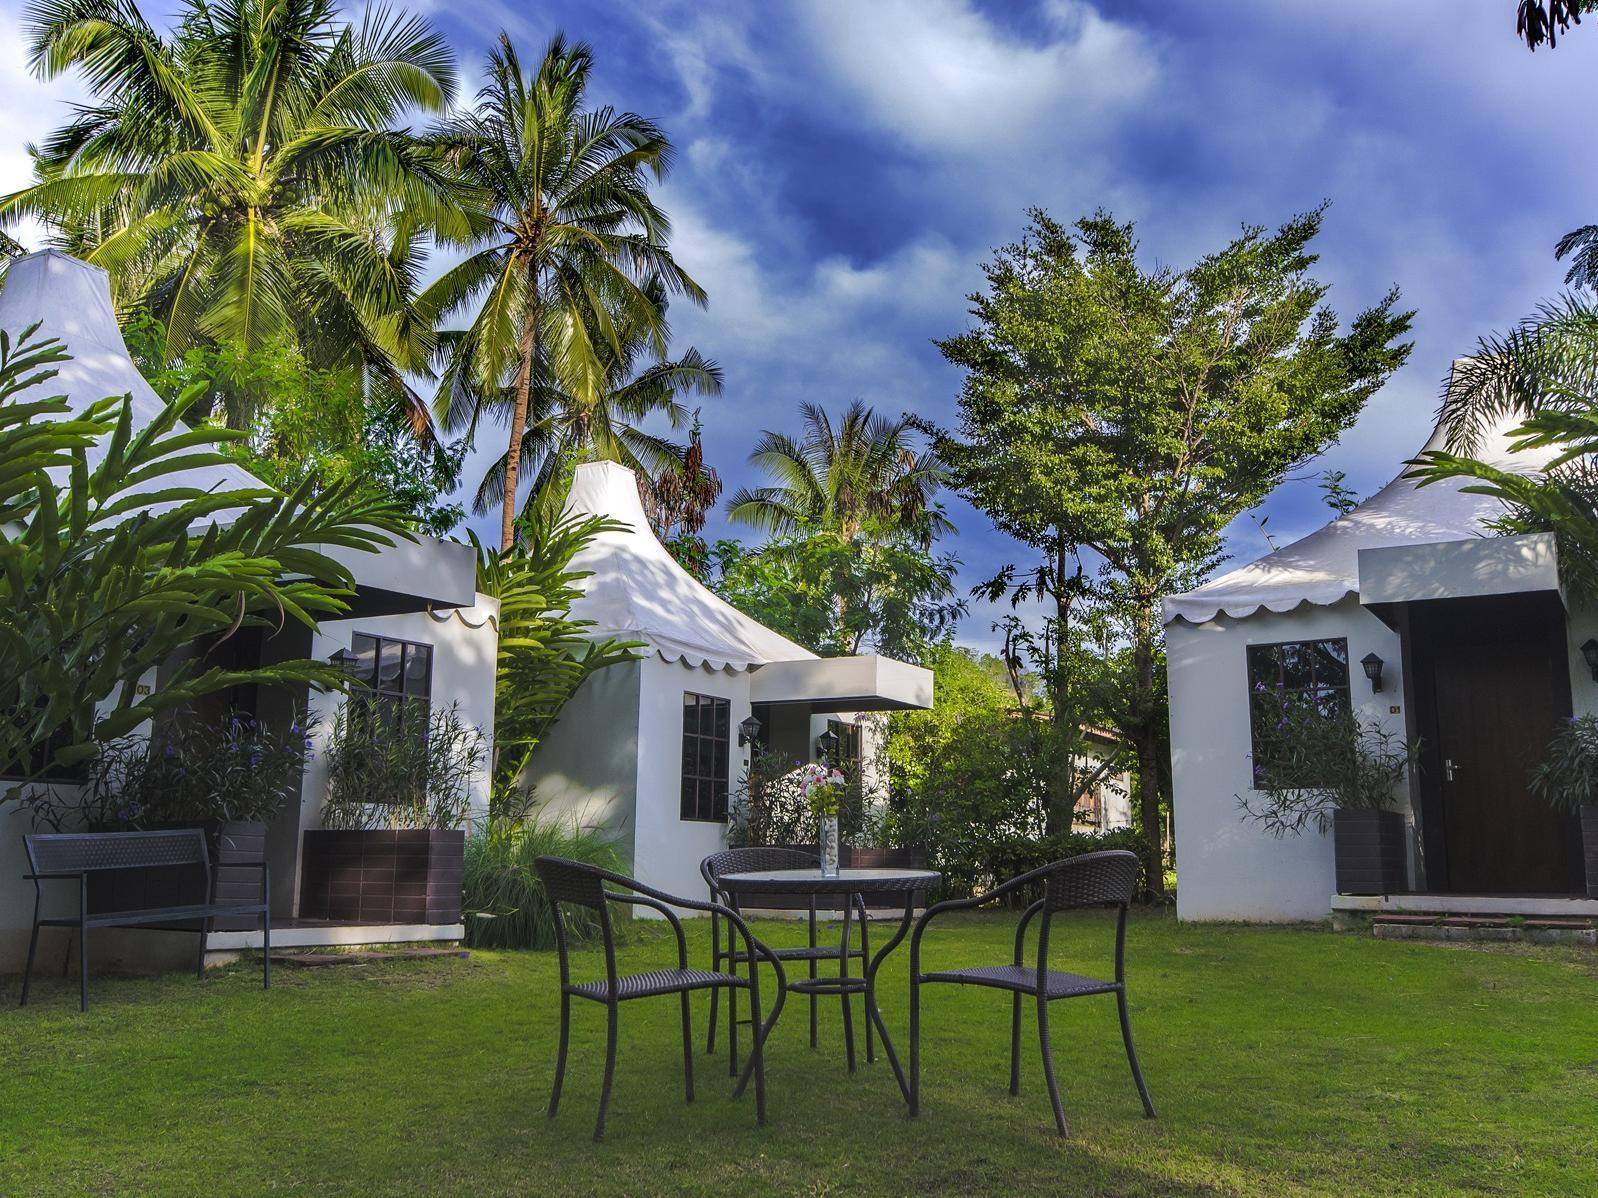 Hotell Villa Paradis Hotel i , Khao Yai / Nakhonratchasima. Klicka för att läsa mer och skicka bokningsförfrågan